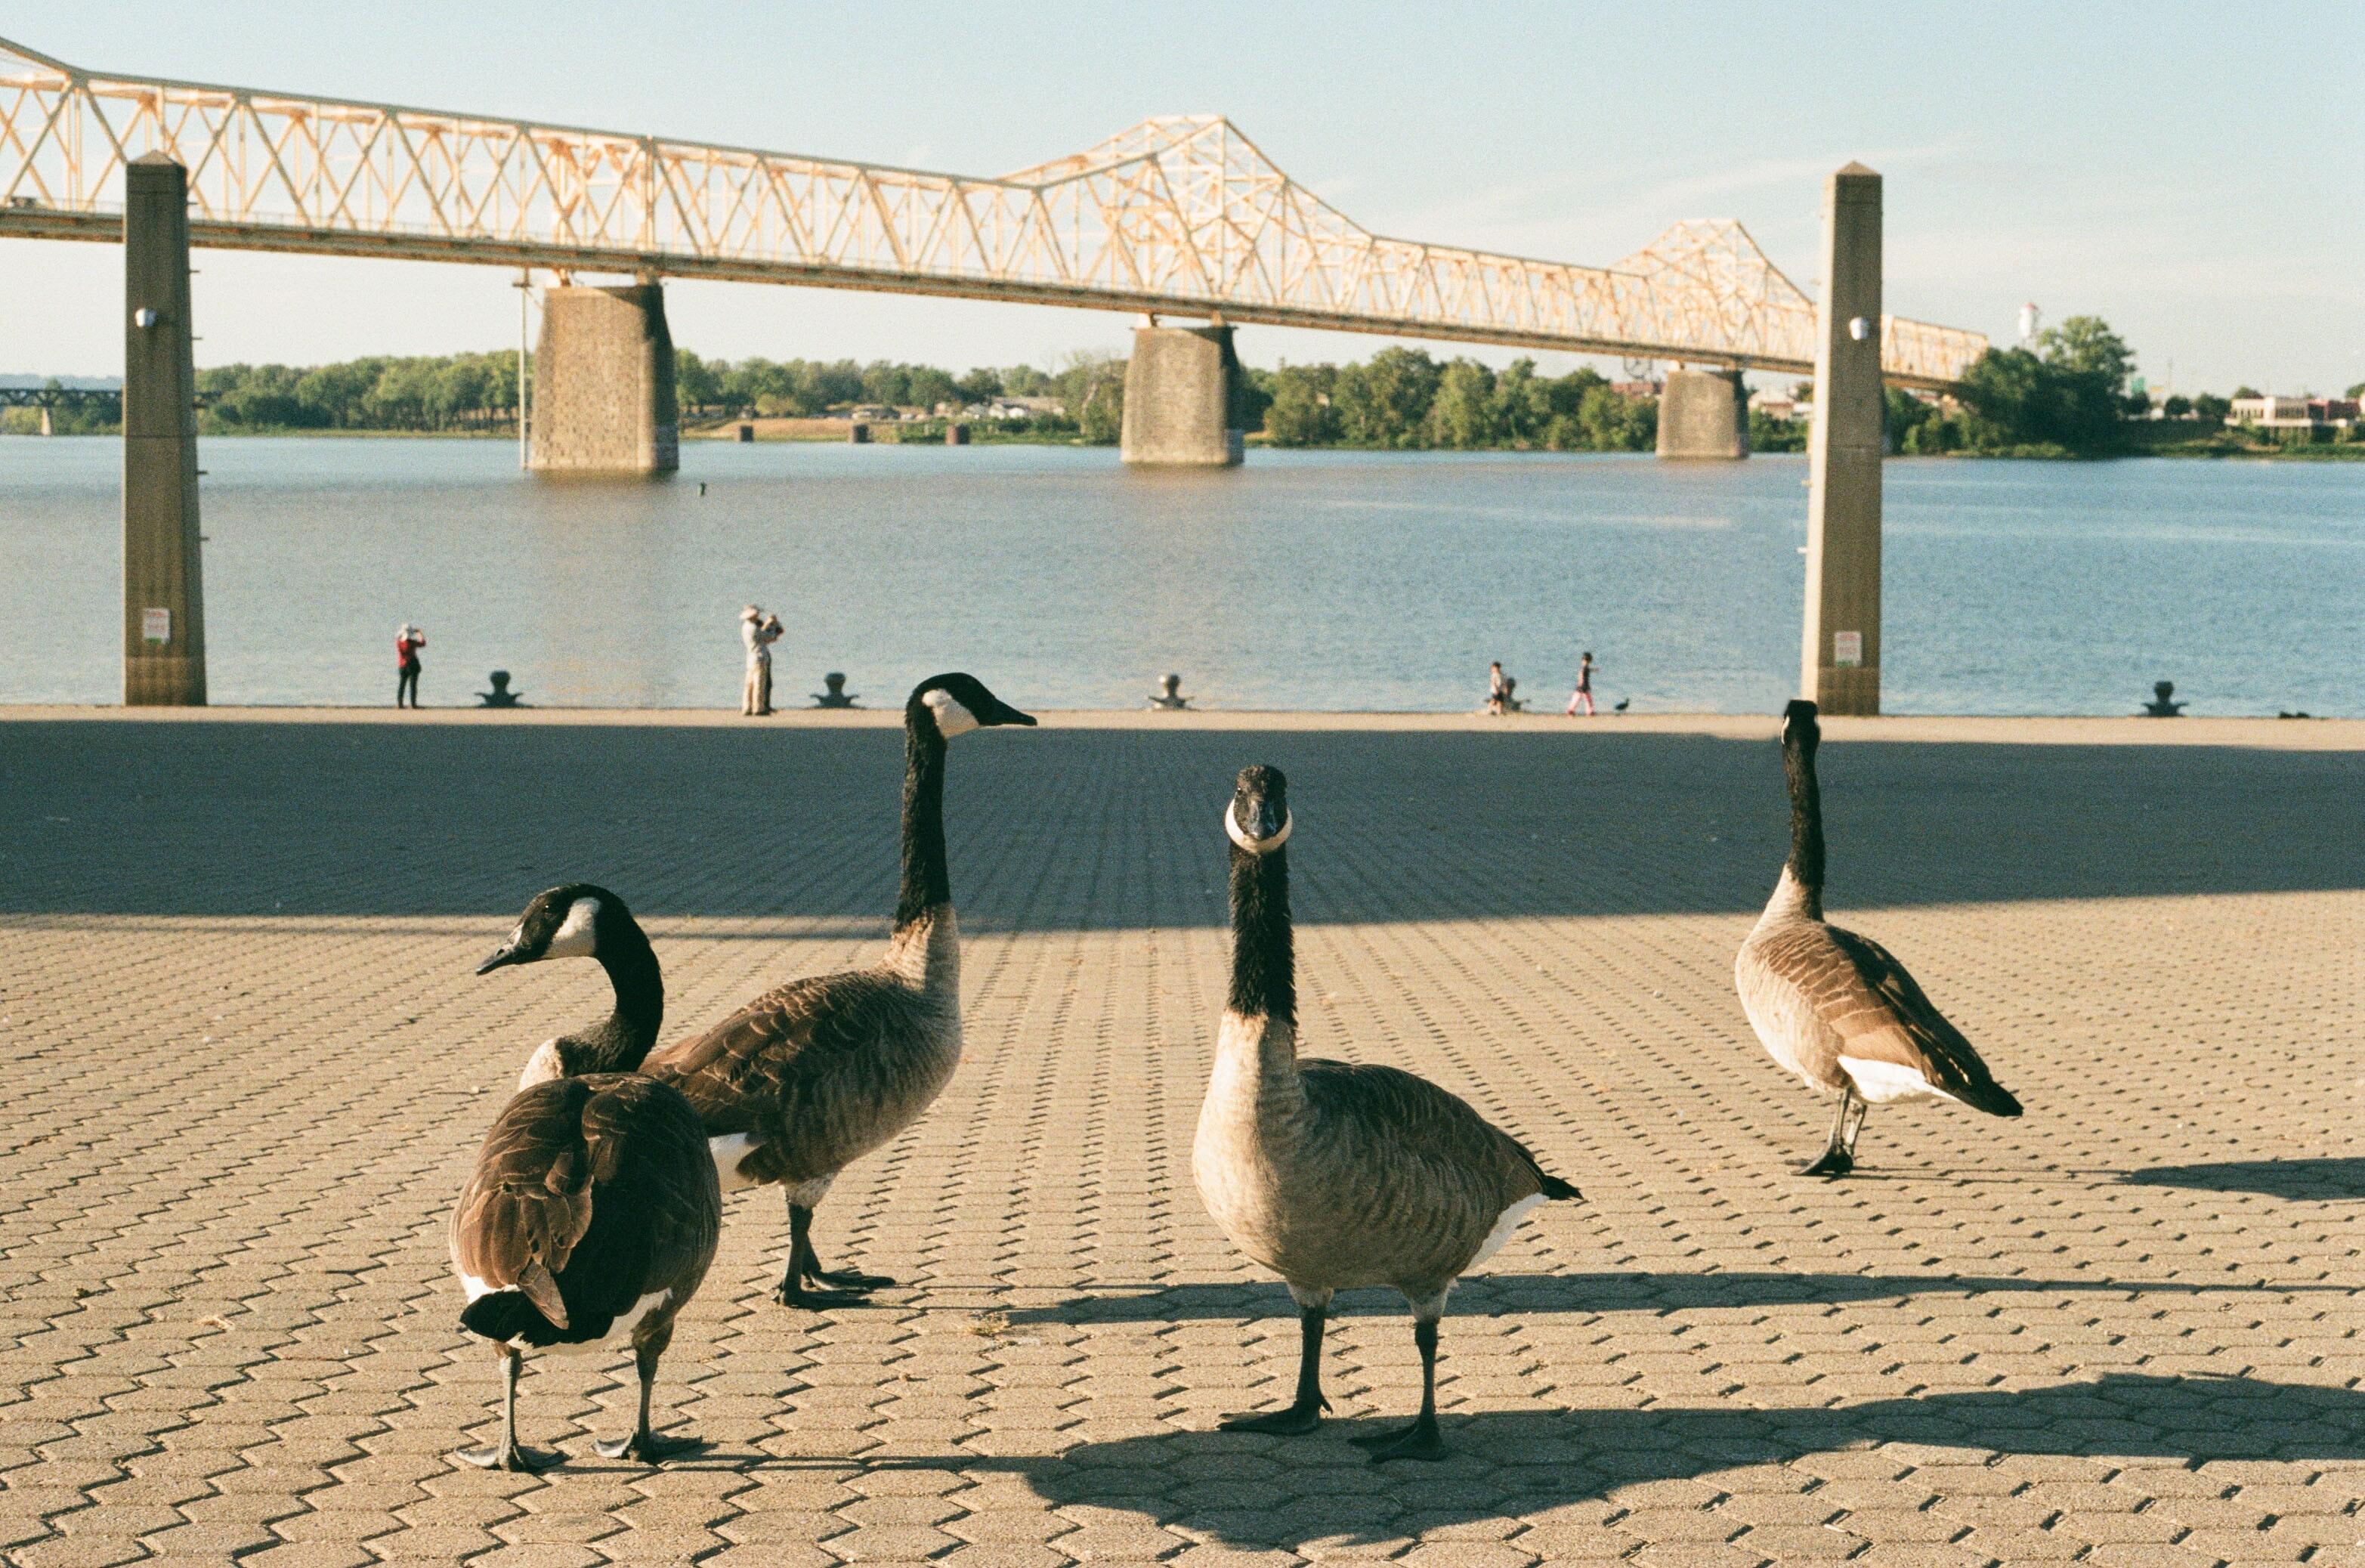 Louisville bridge in background